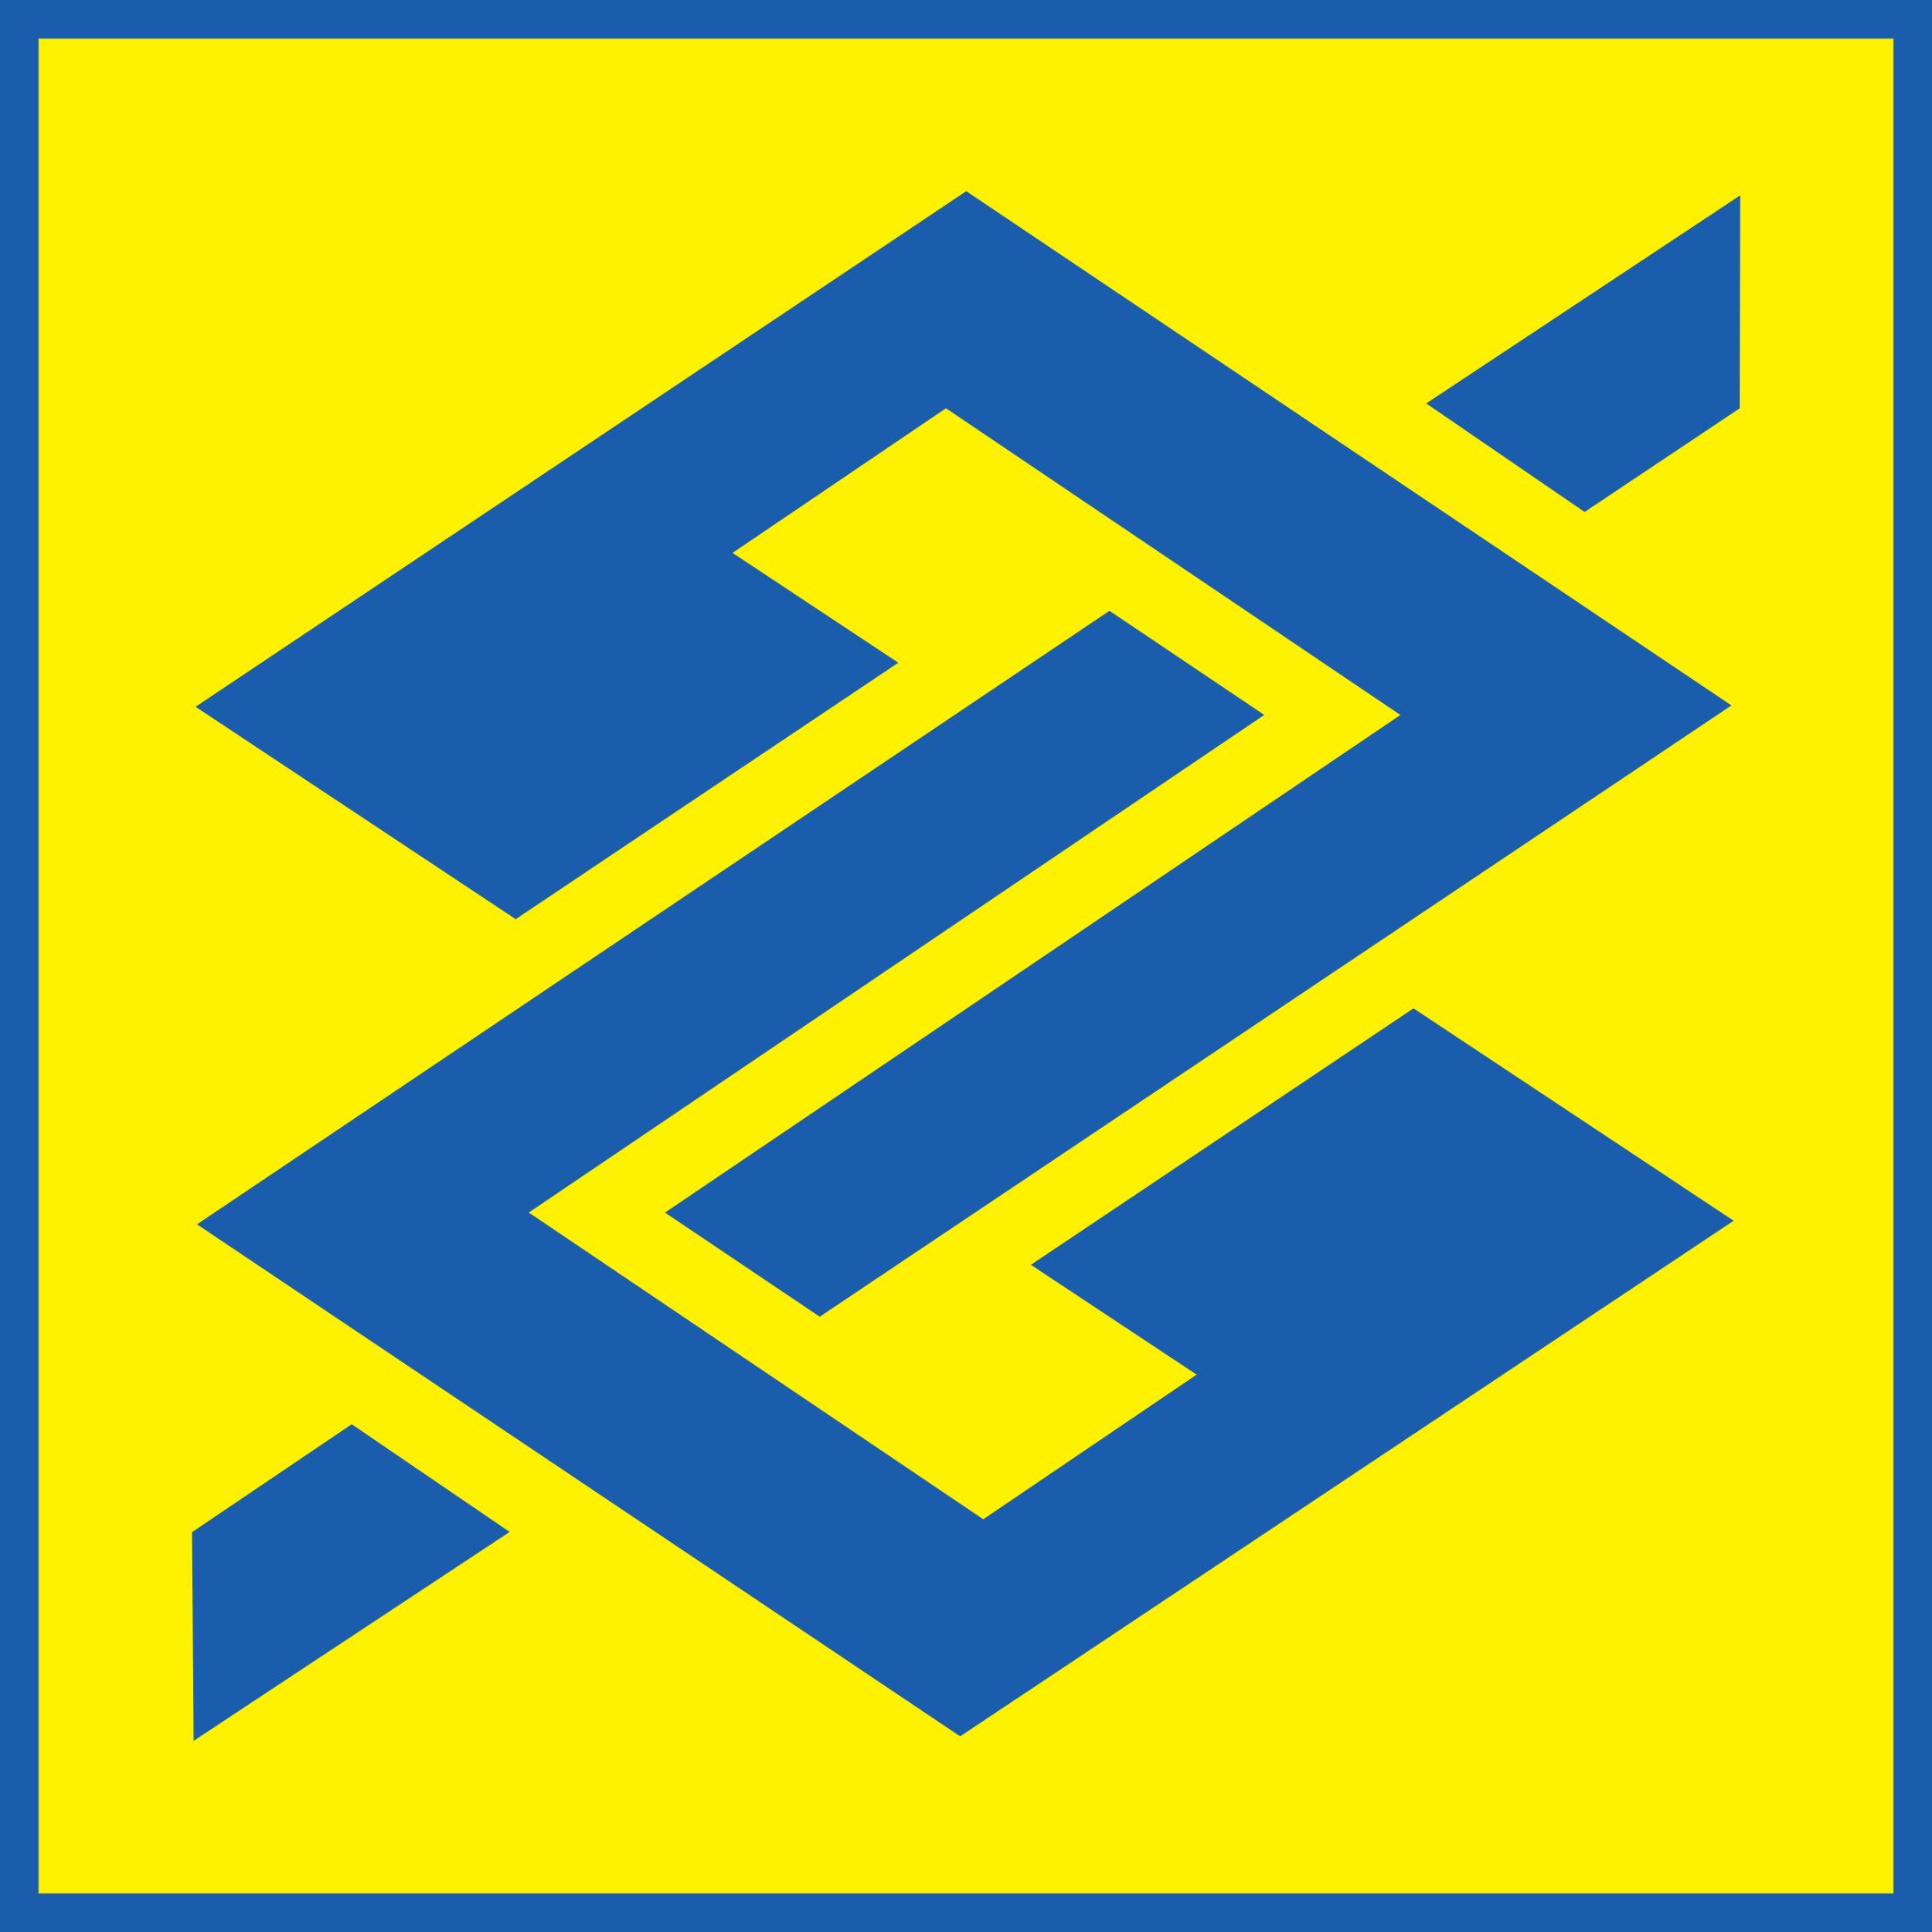 banco do brasil logo 4 - Banco do Brasil Logo